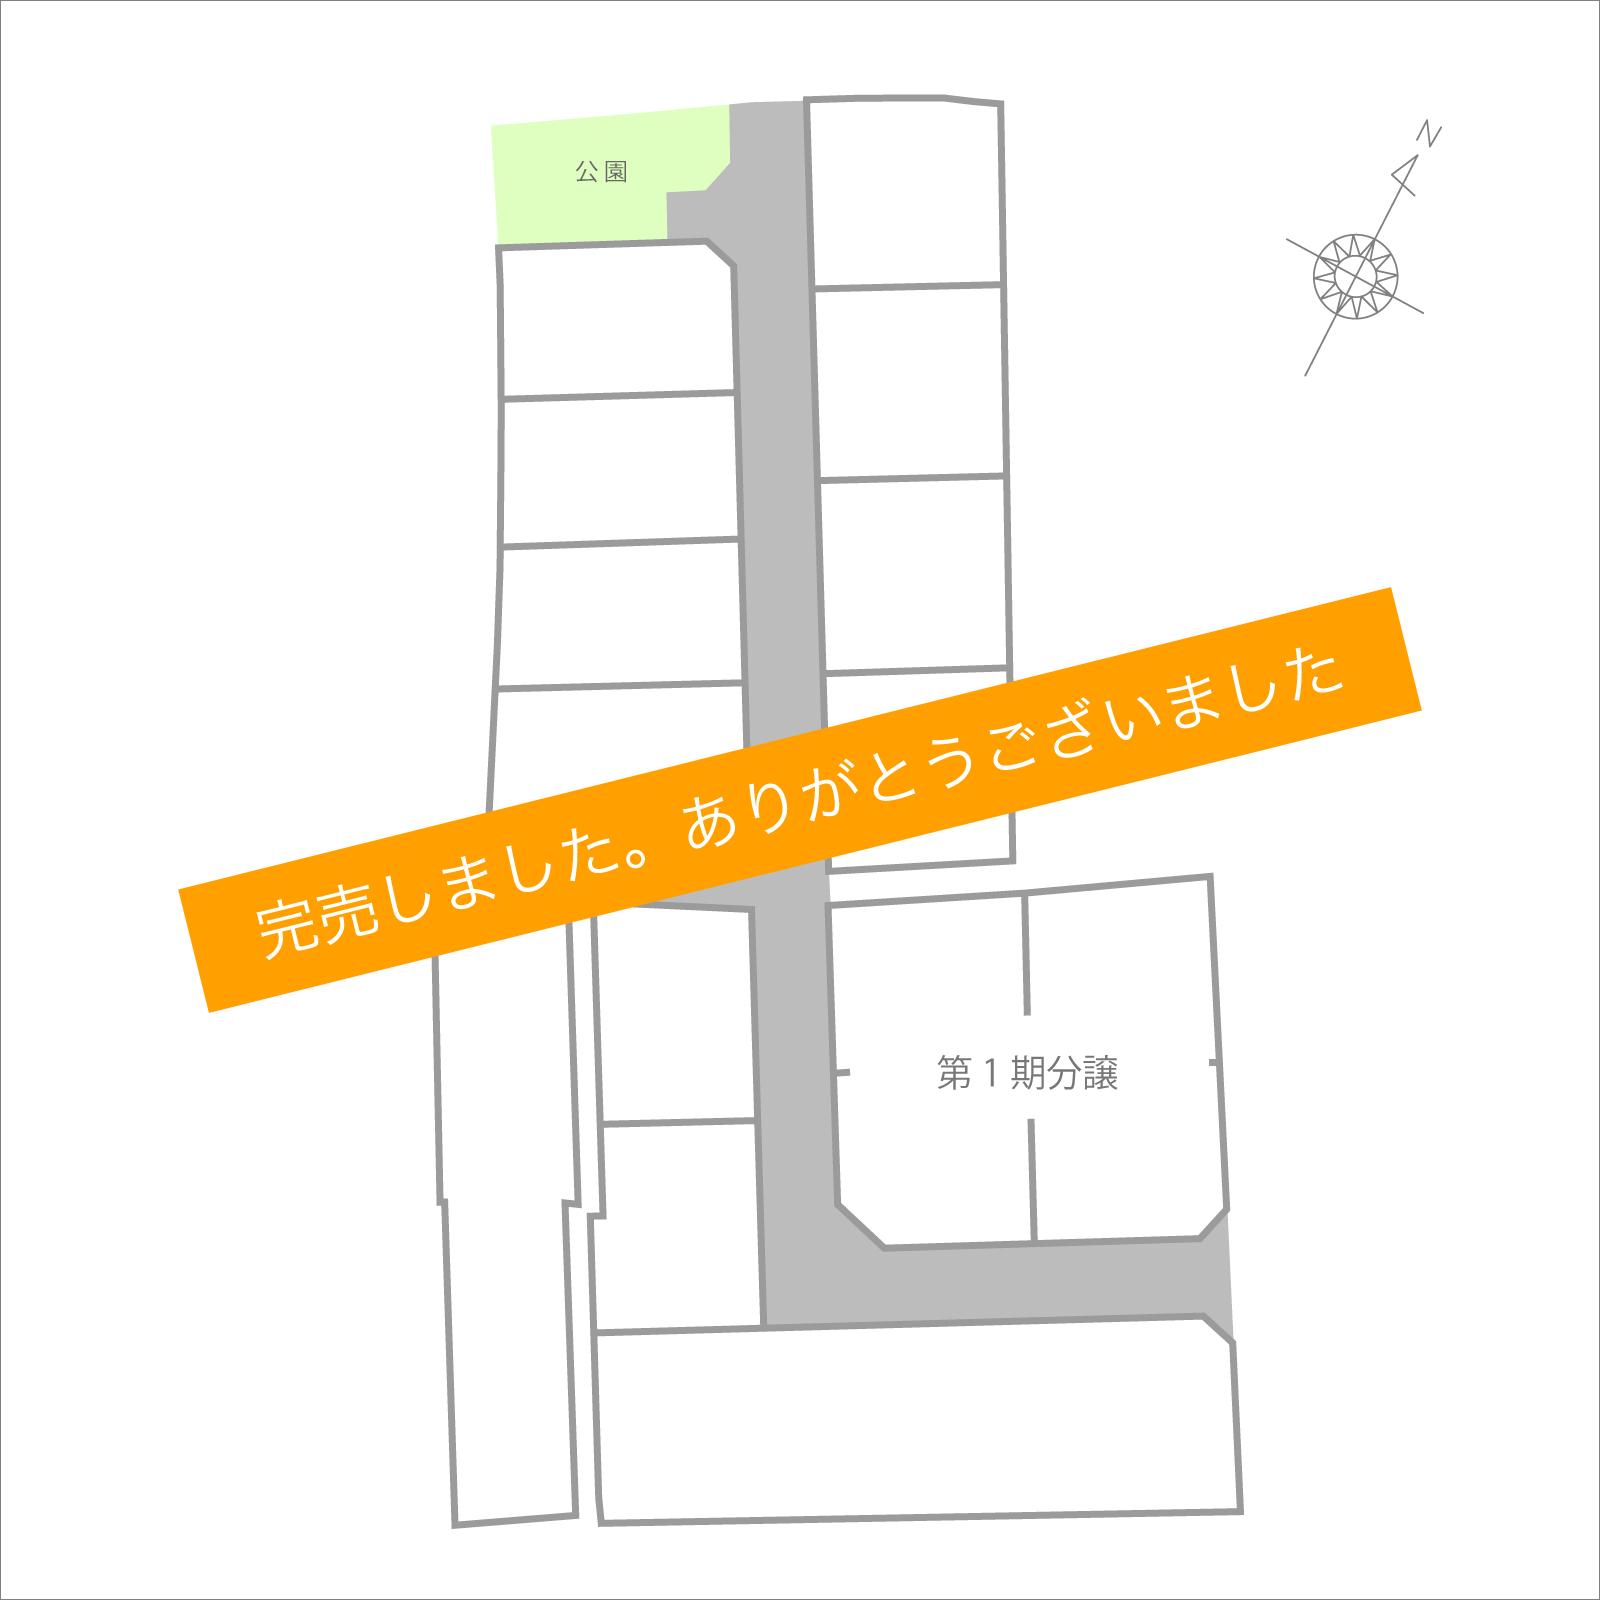 丸亀市柞原2期(全9区画)